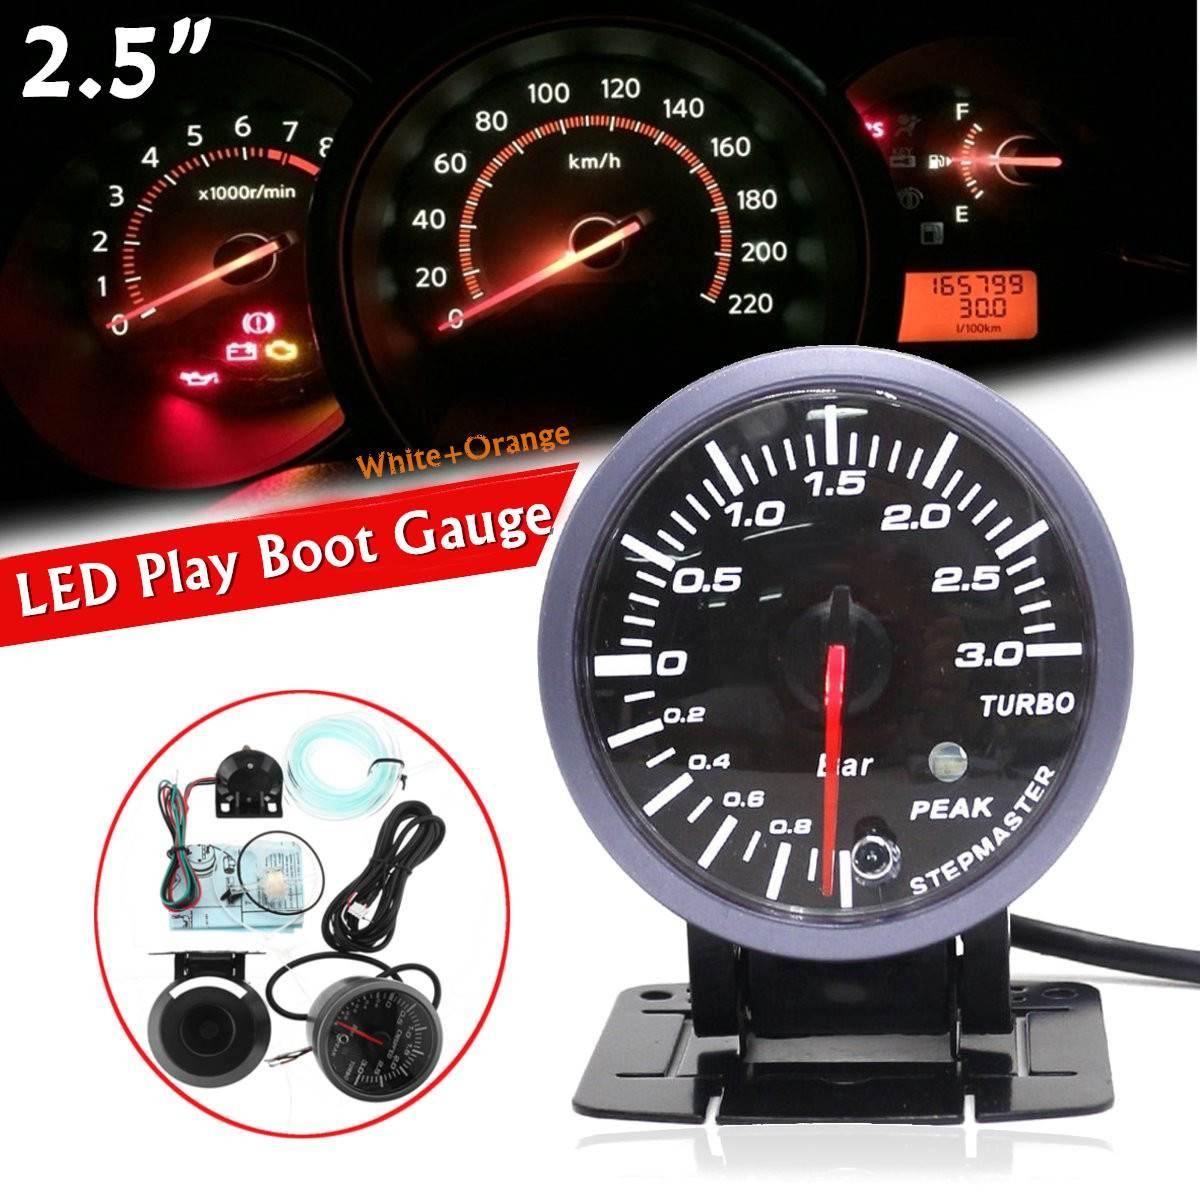 Автомобильный измеритель давления Turbo Boost, универсальный Манометр с пиковой сигнализацией, 0-3 бар, 12 В постоянного тока, 2,5 дюйма, светодиодны...